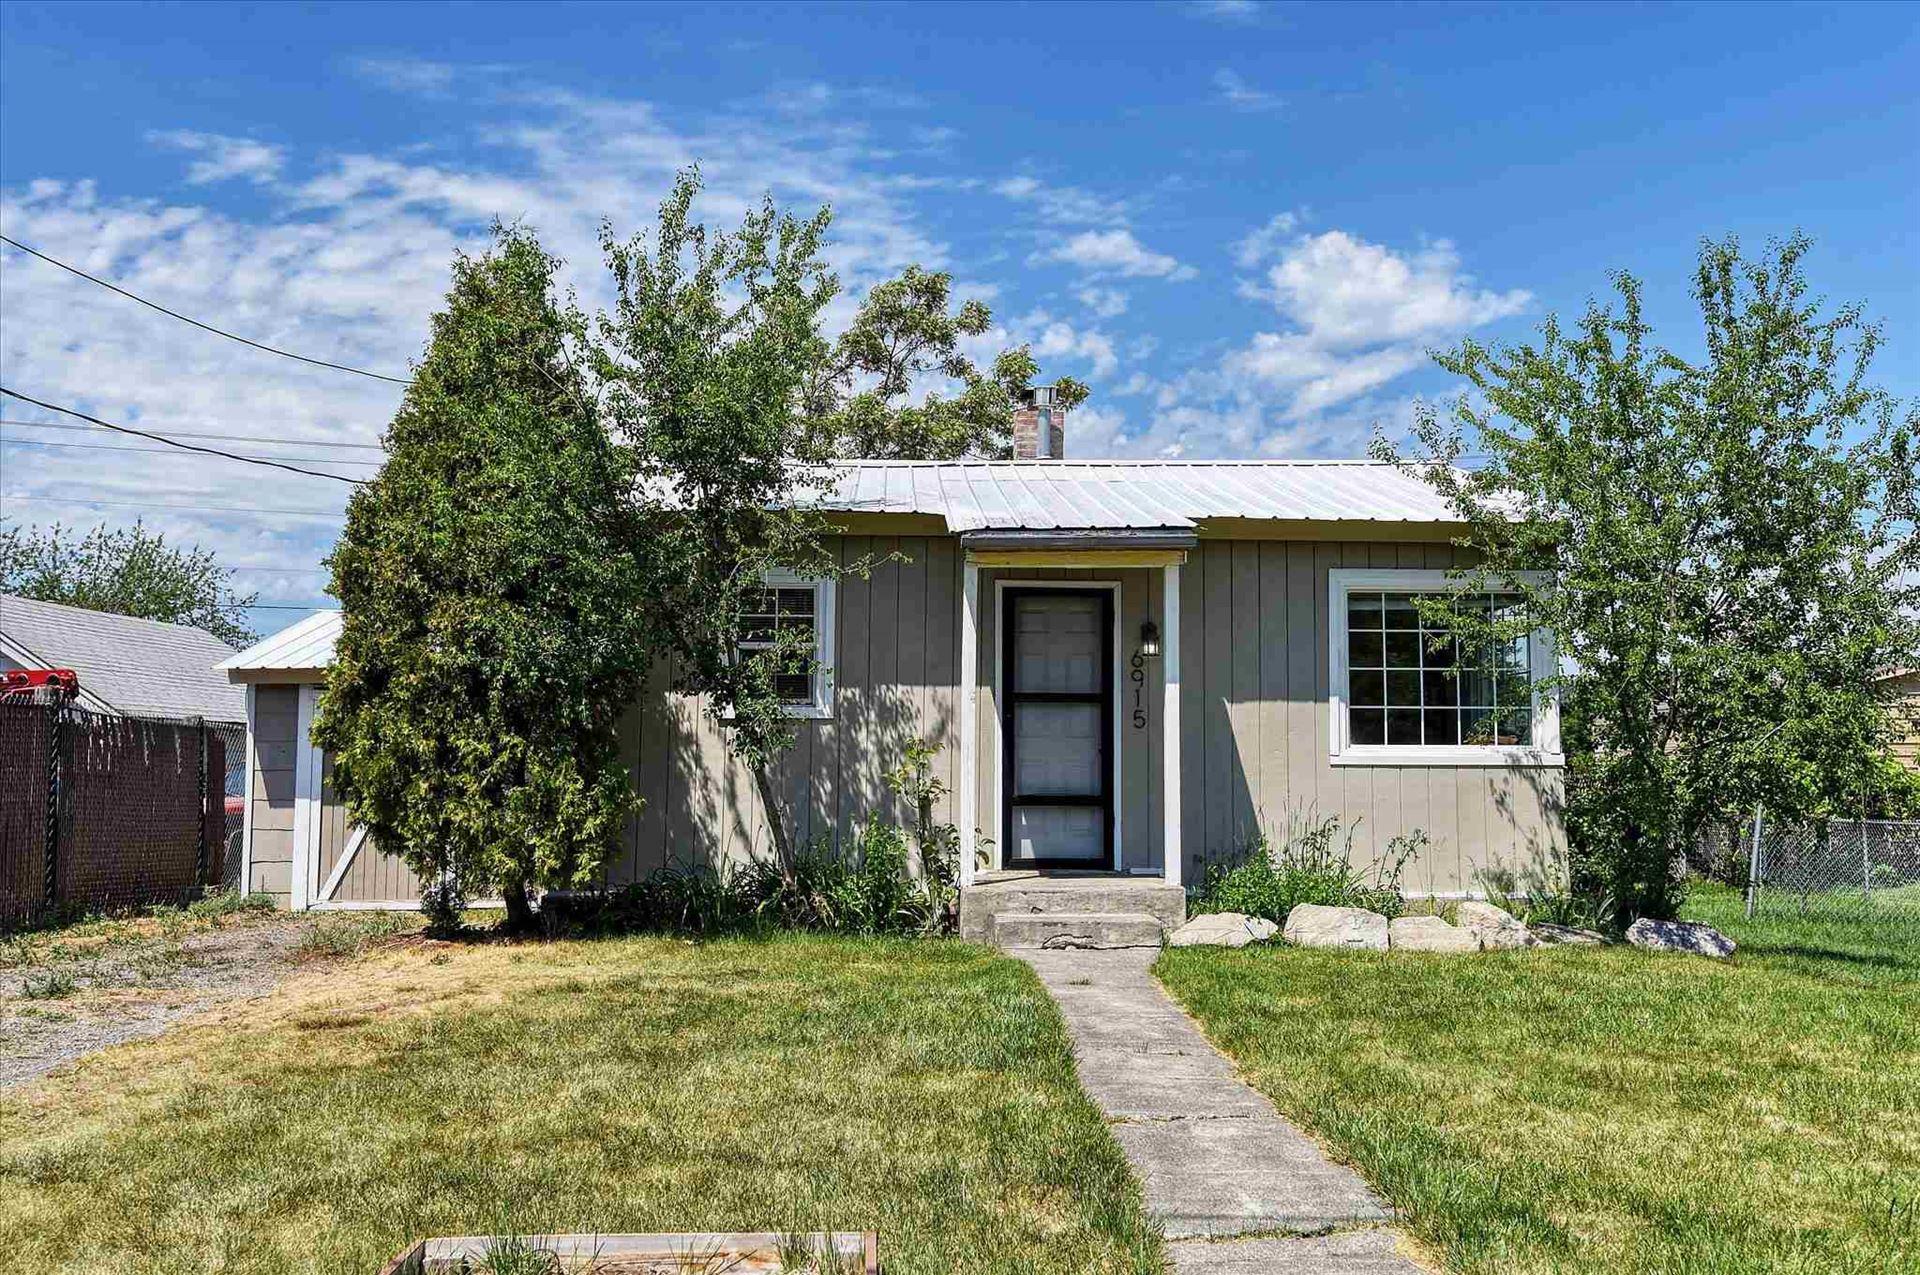 6915 E Marietta Ave, Spokane Valley, WA 99212 - #: 202116744